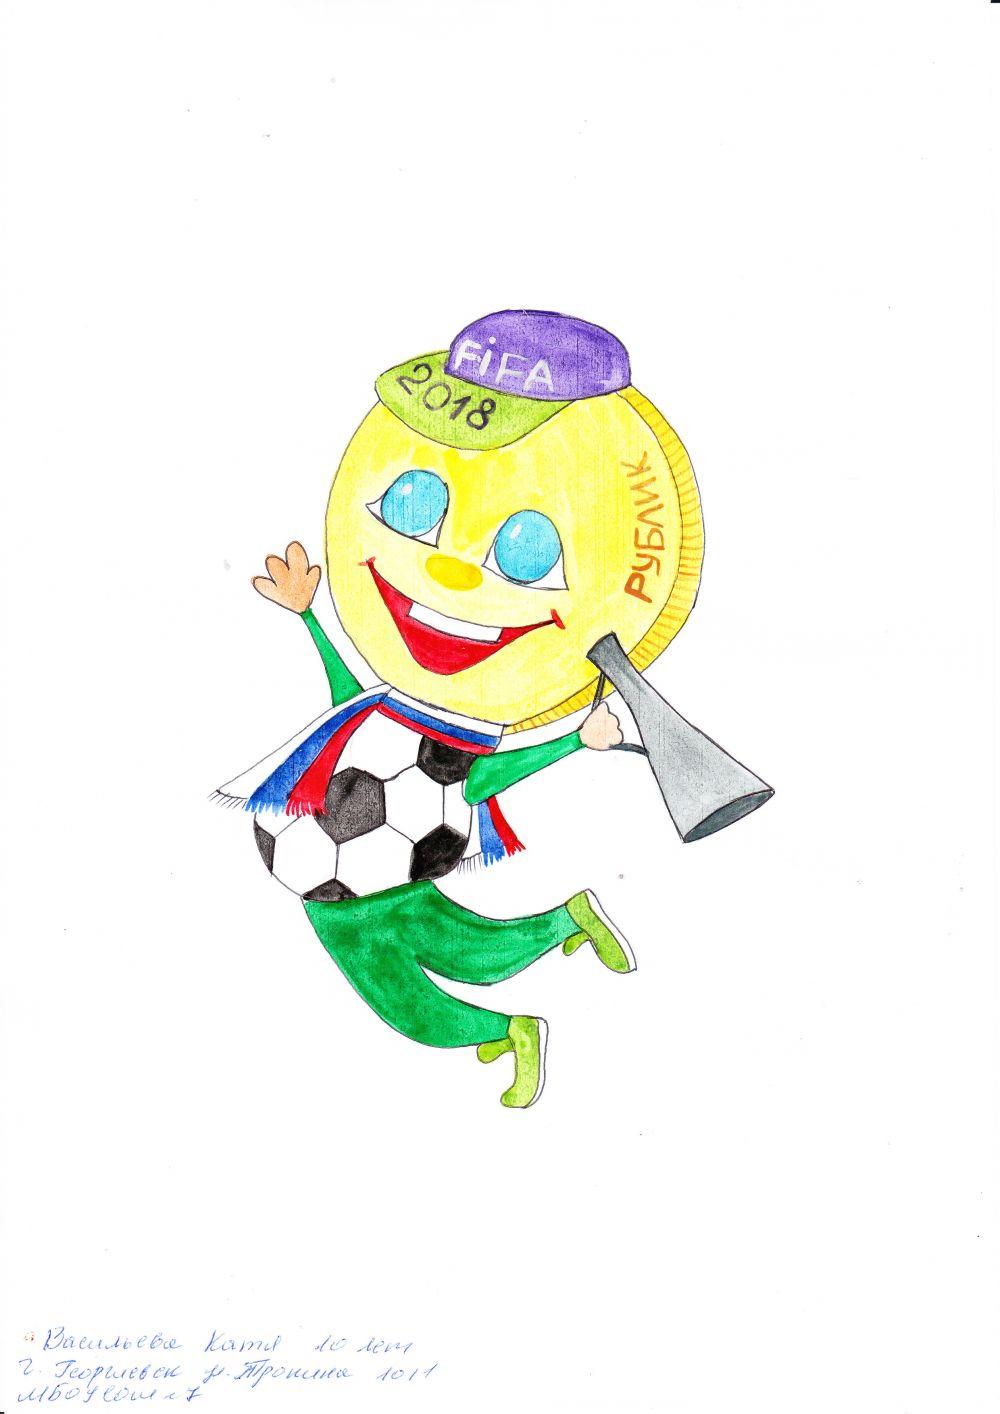 Васильева Катя, 8 лет, Георгиевск